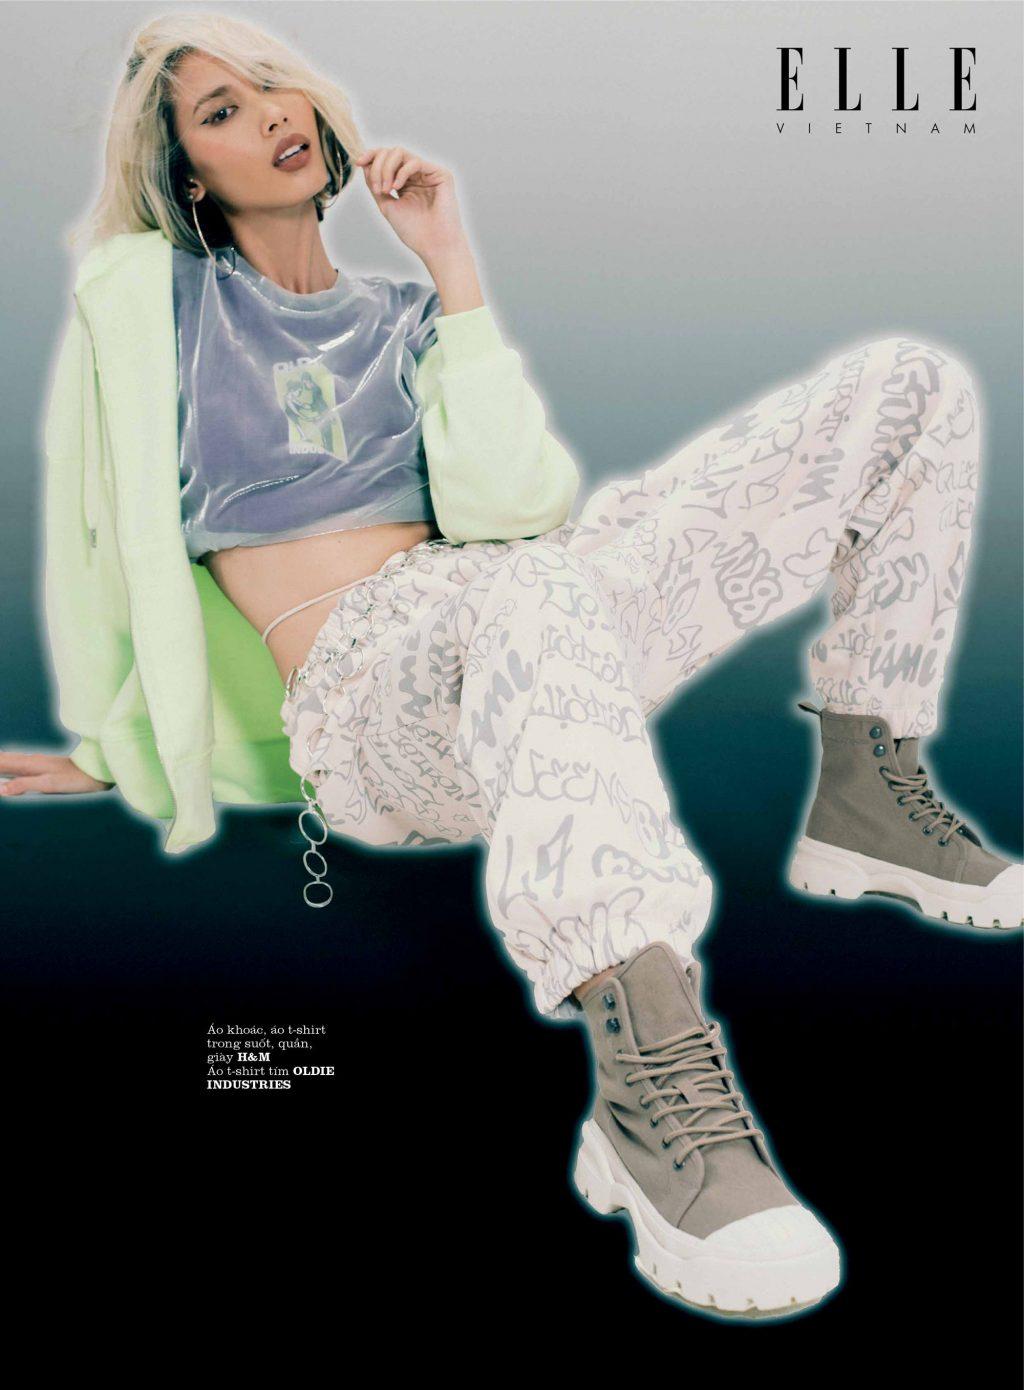 phong cách thời trang streetwear nổi bật cá tính